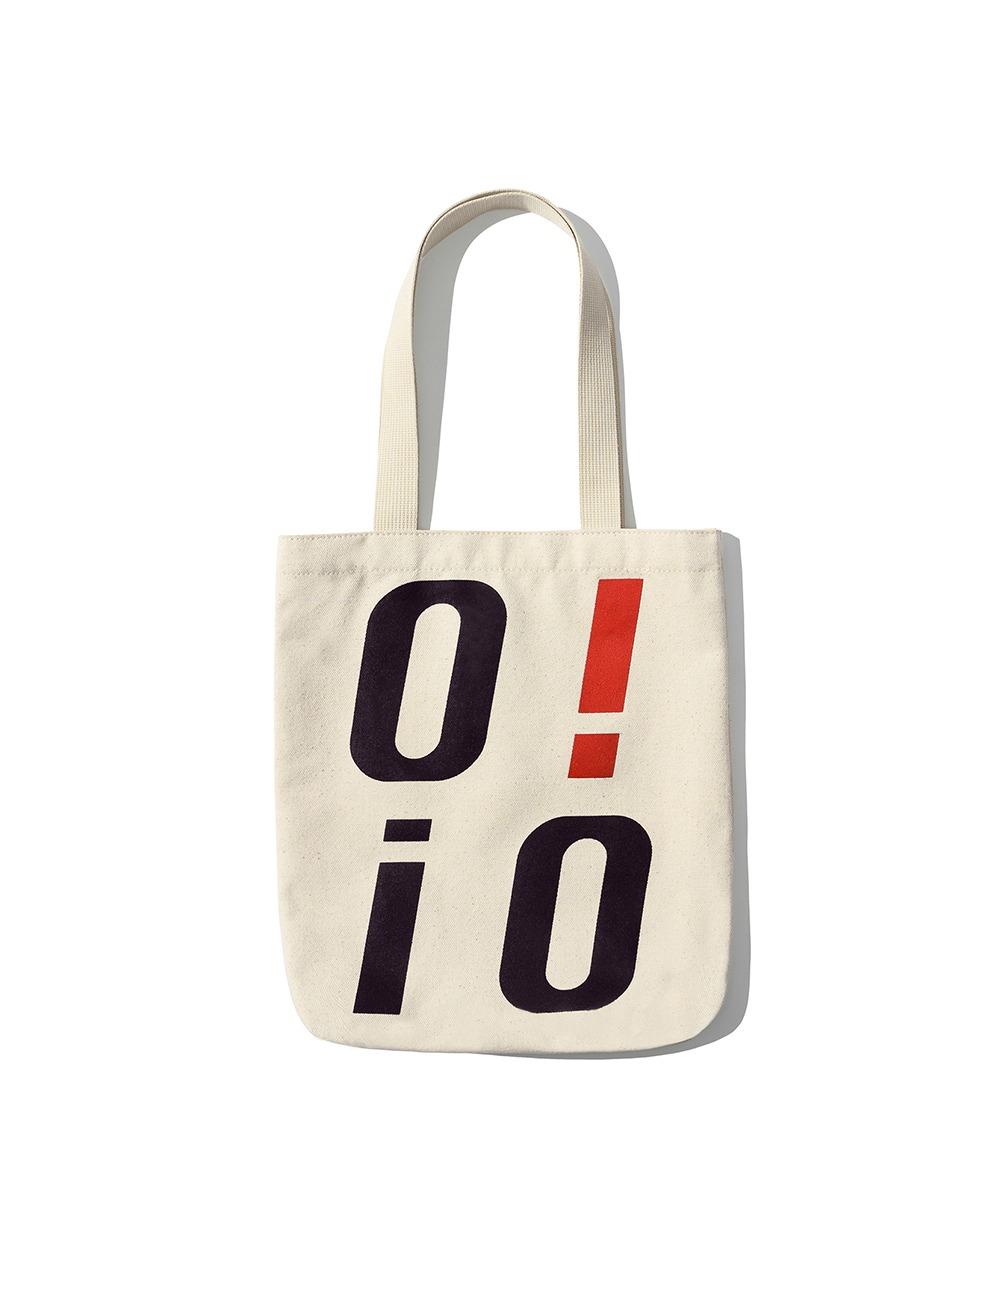 [ORIGINAL PACK] BIG LOGO ECO BAG [IVORY]